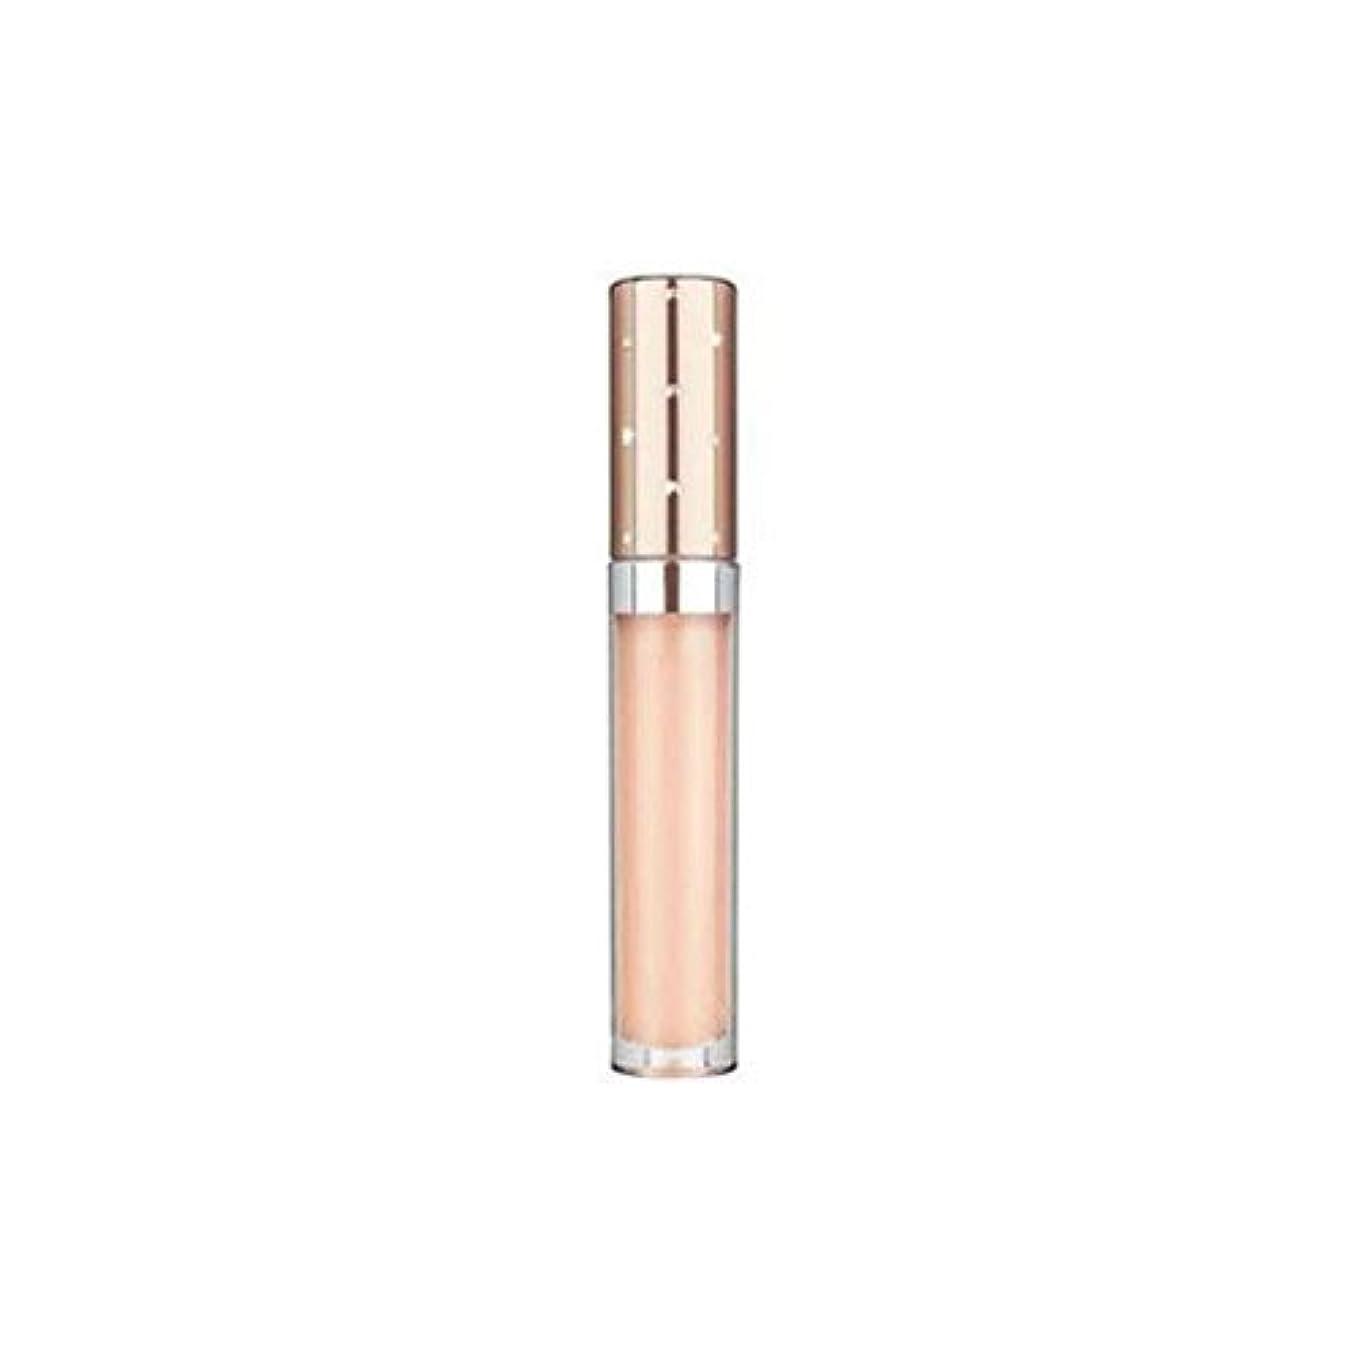 感度適合しましたモーテルインスタントリップパーフェクション15(5ミリリットル) x4 - Nubo Instant Lip Perfection Spf15 (5ml) (Pack of 4) [並行輸入品]